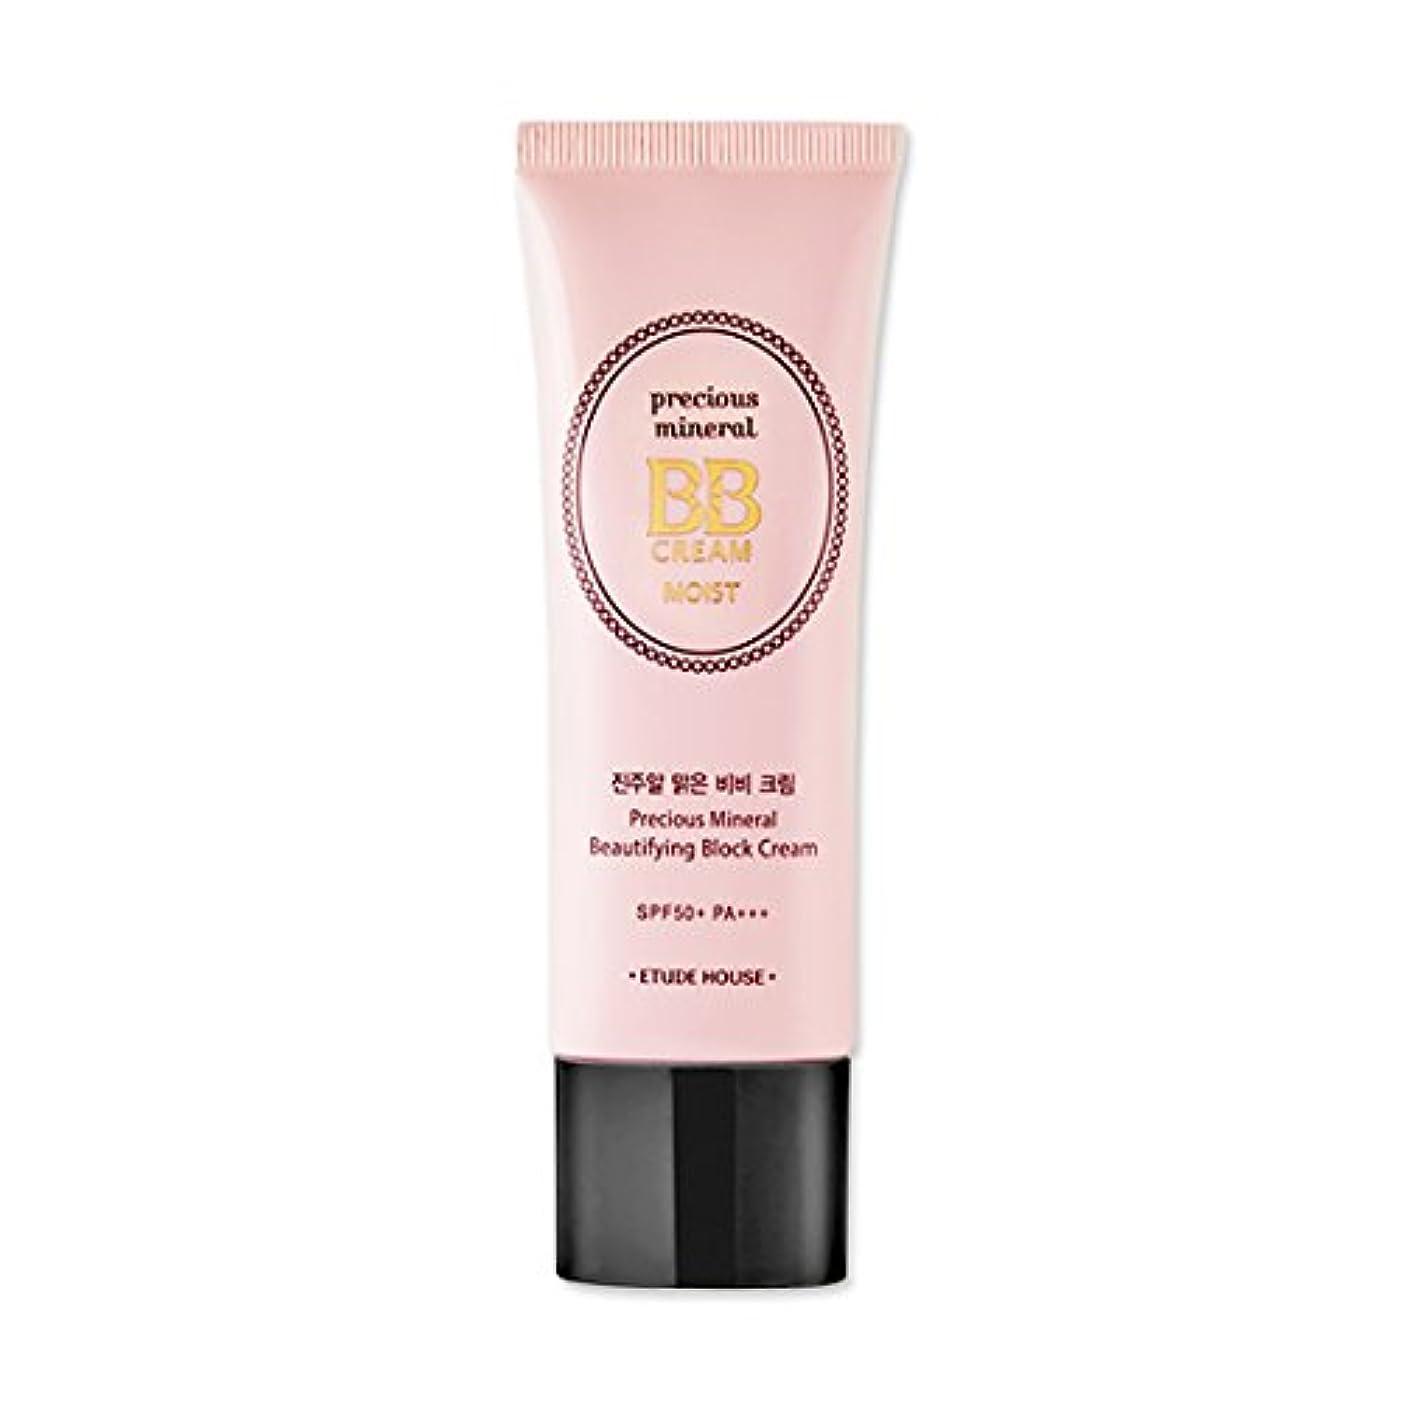 爆風古代割れ目[New] ETUDE HOUSE Precious Mineral BB Cream * Moist * 45g/エチュードハウス プレシャス ミネラル BBクリーム * モイスト * 45g (#Beige) [並行輸入品]